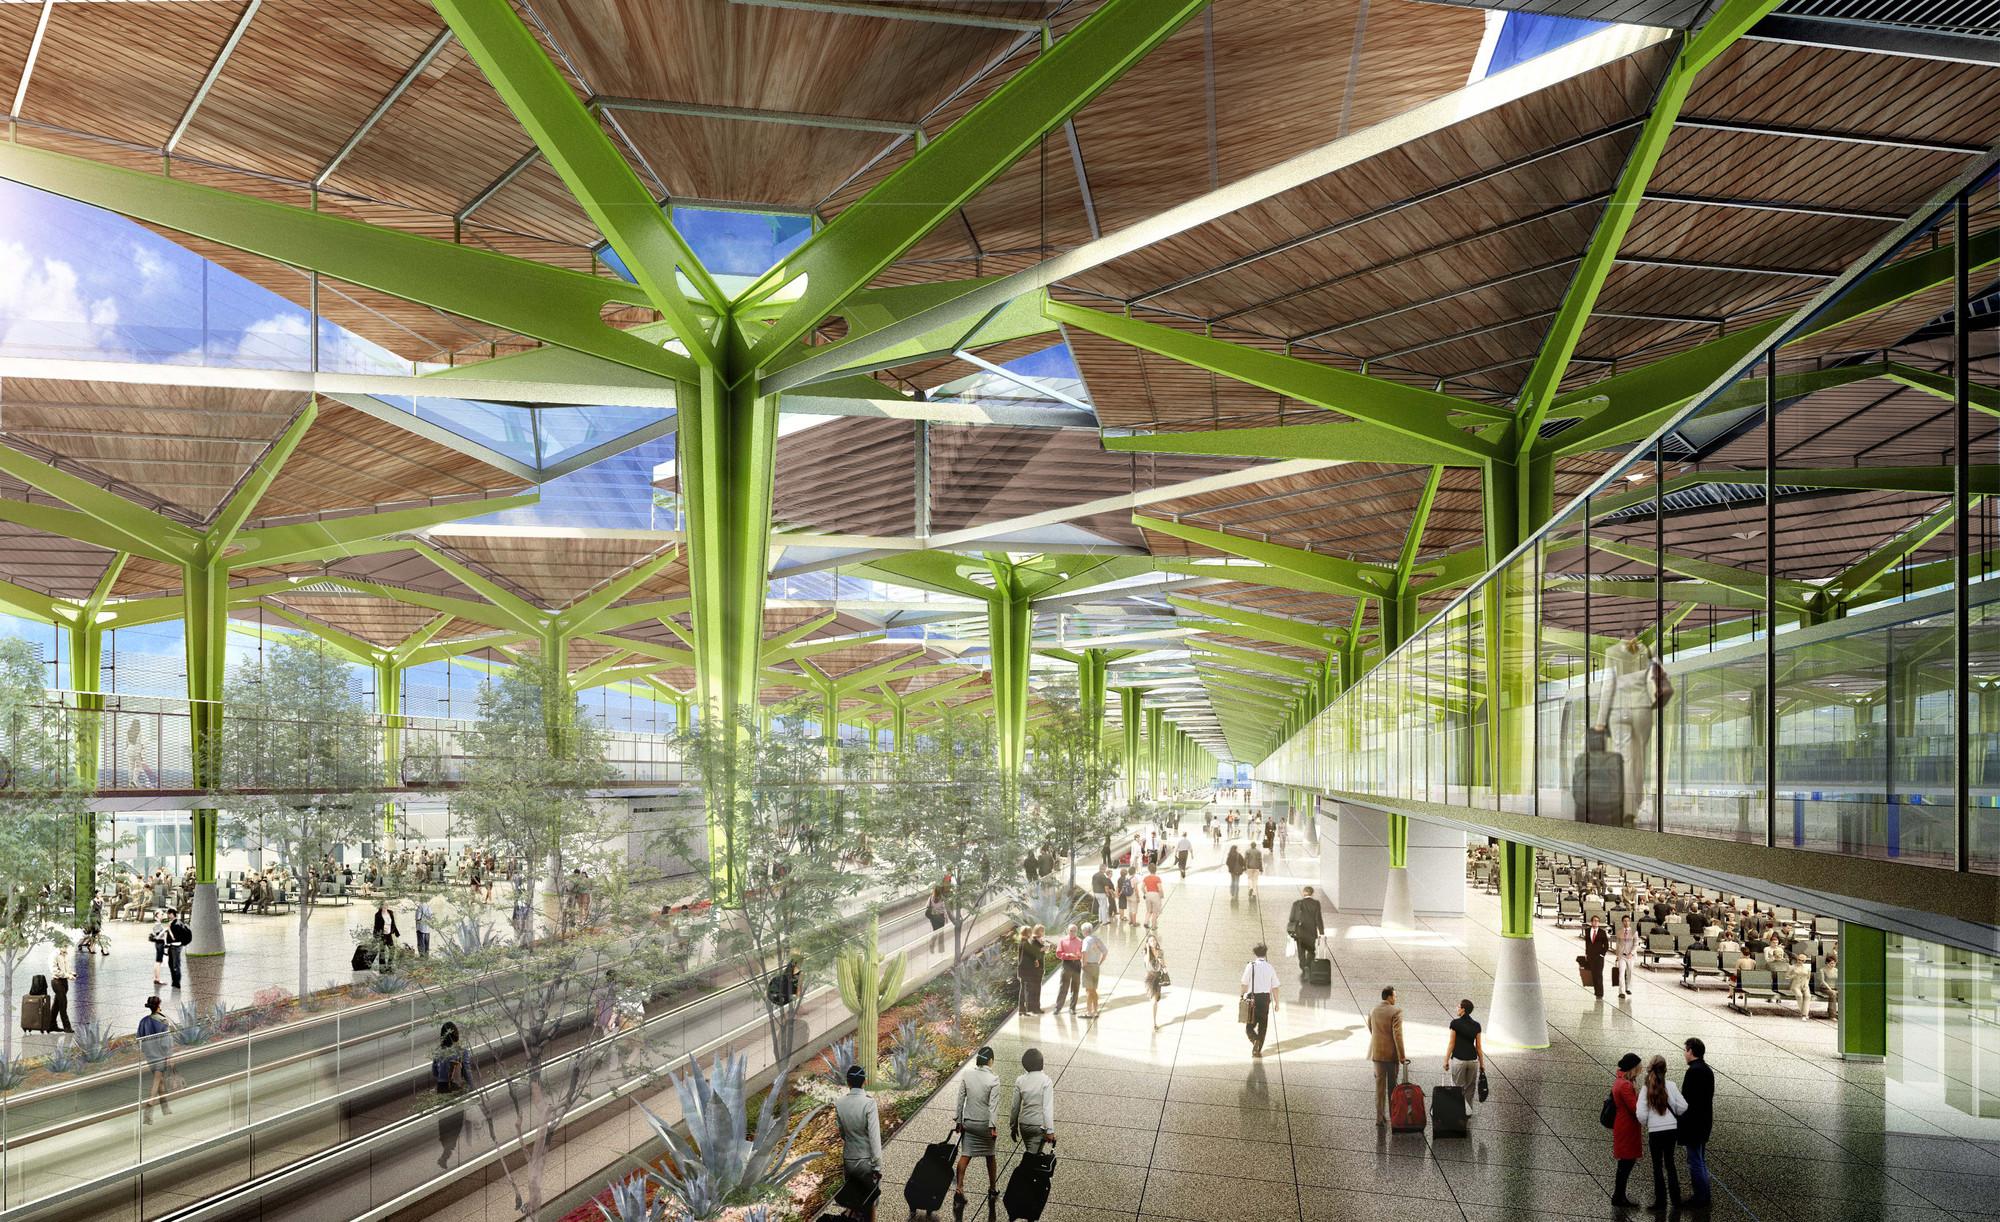 Propuesta de LegoRogers para el diseño del Nuevo Aeropuerto Internacional de la Ciudad de México, Cortesia de © LegoRogers + Stantec